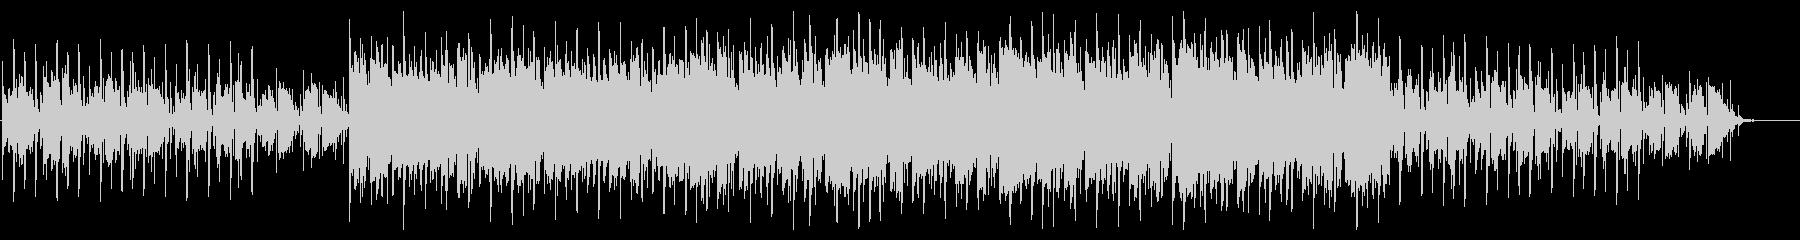 グリッチ、シーケンス_前半省略の未再生の波形